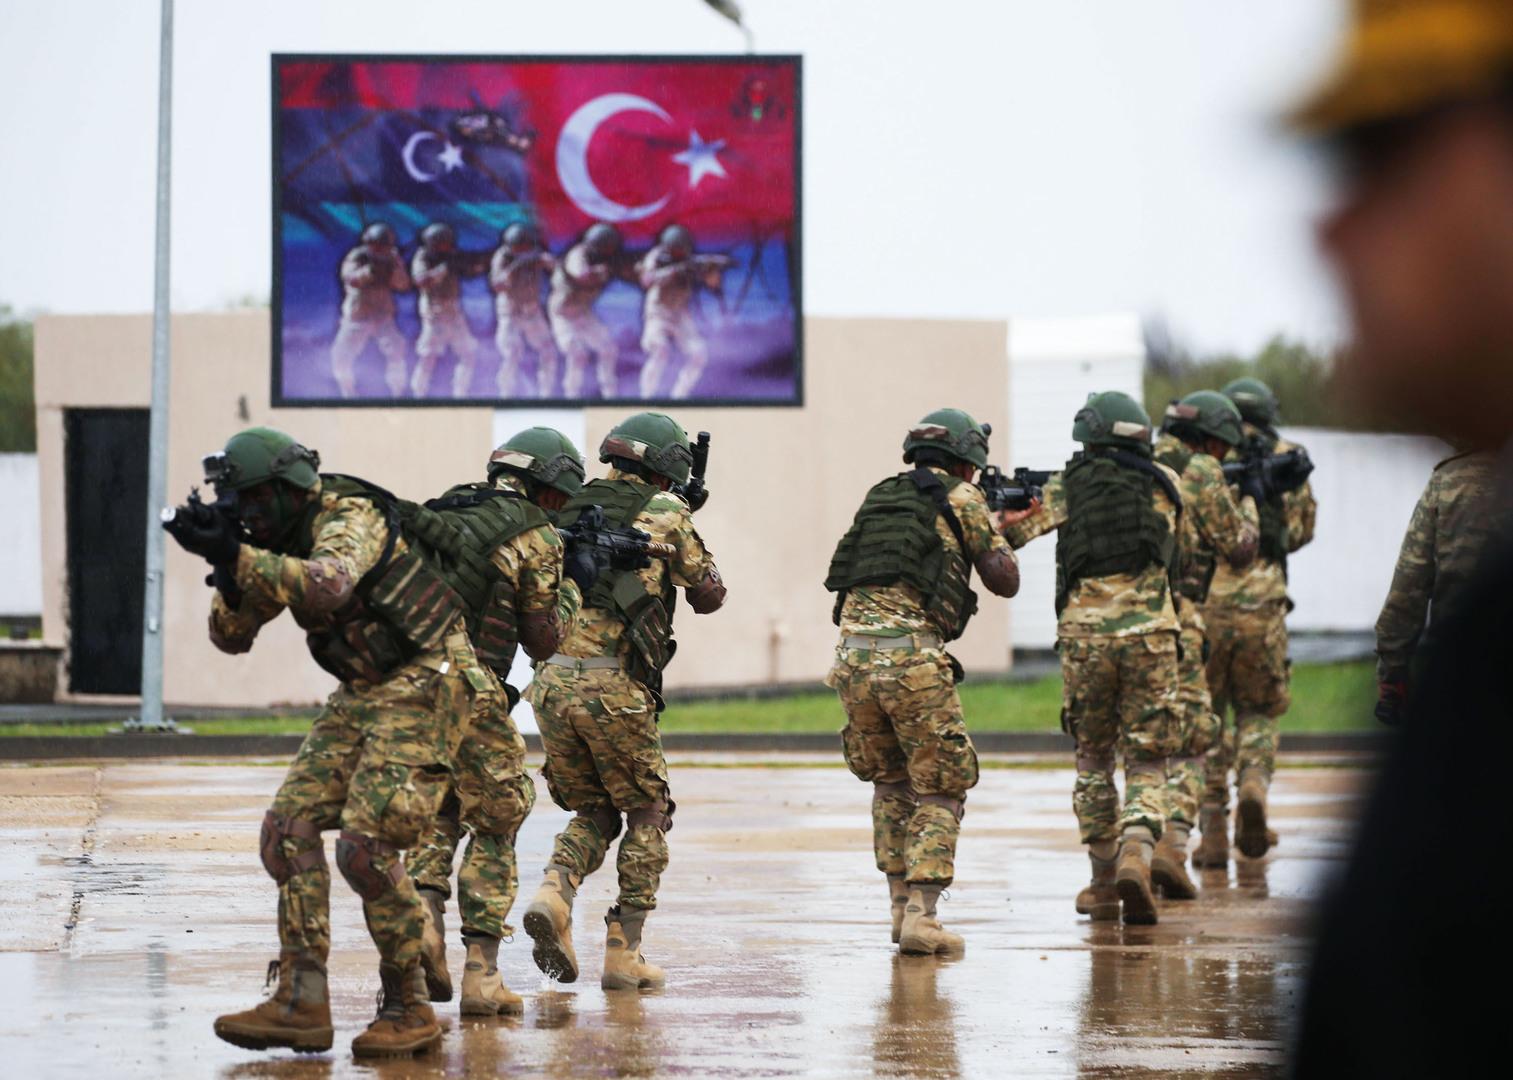 وزارة الدفاع بحكومة الوفاق الوطني الليبية: لم نبلغ بـ